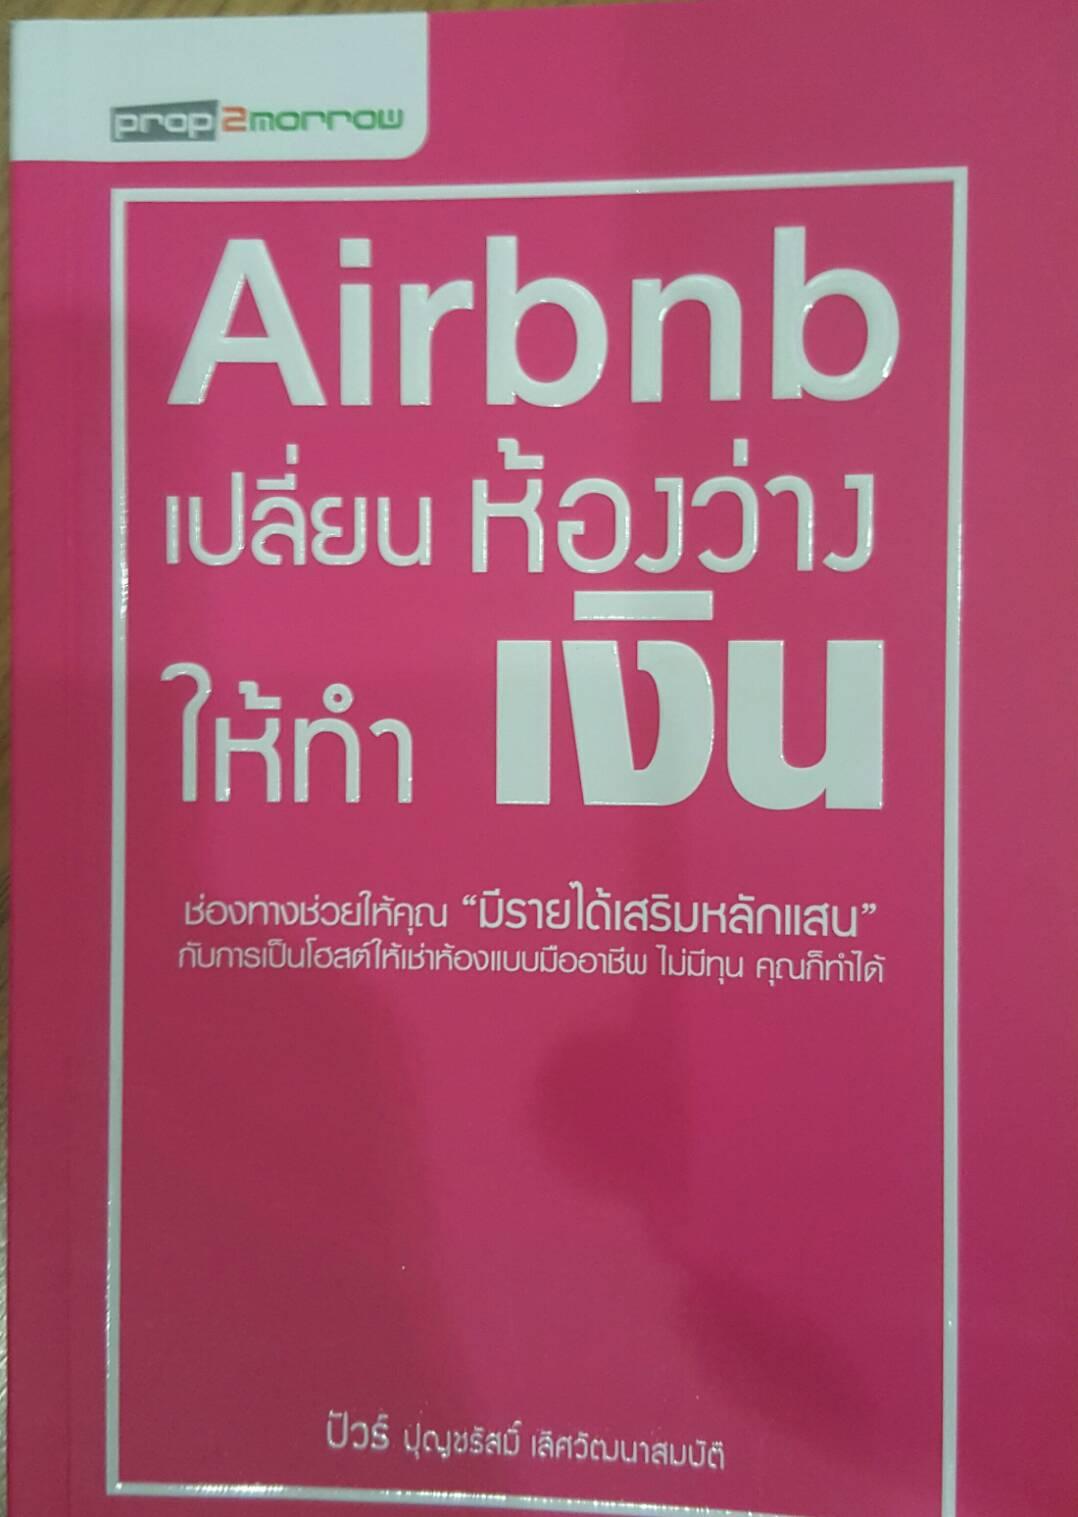 Airbnb เปลี่ยนห้องว่าให้ทำเงิน